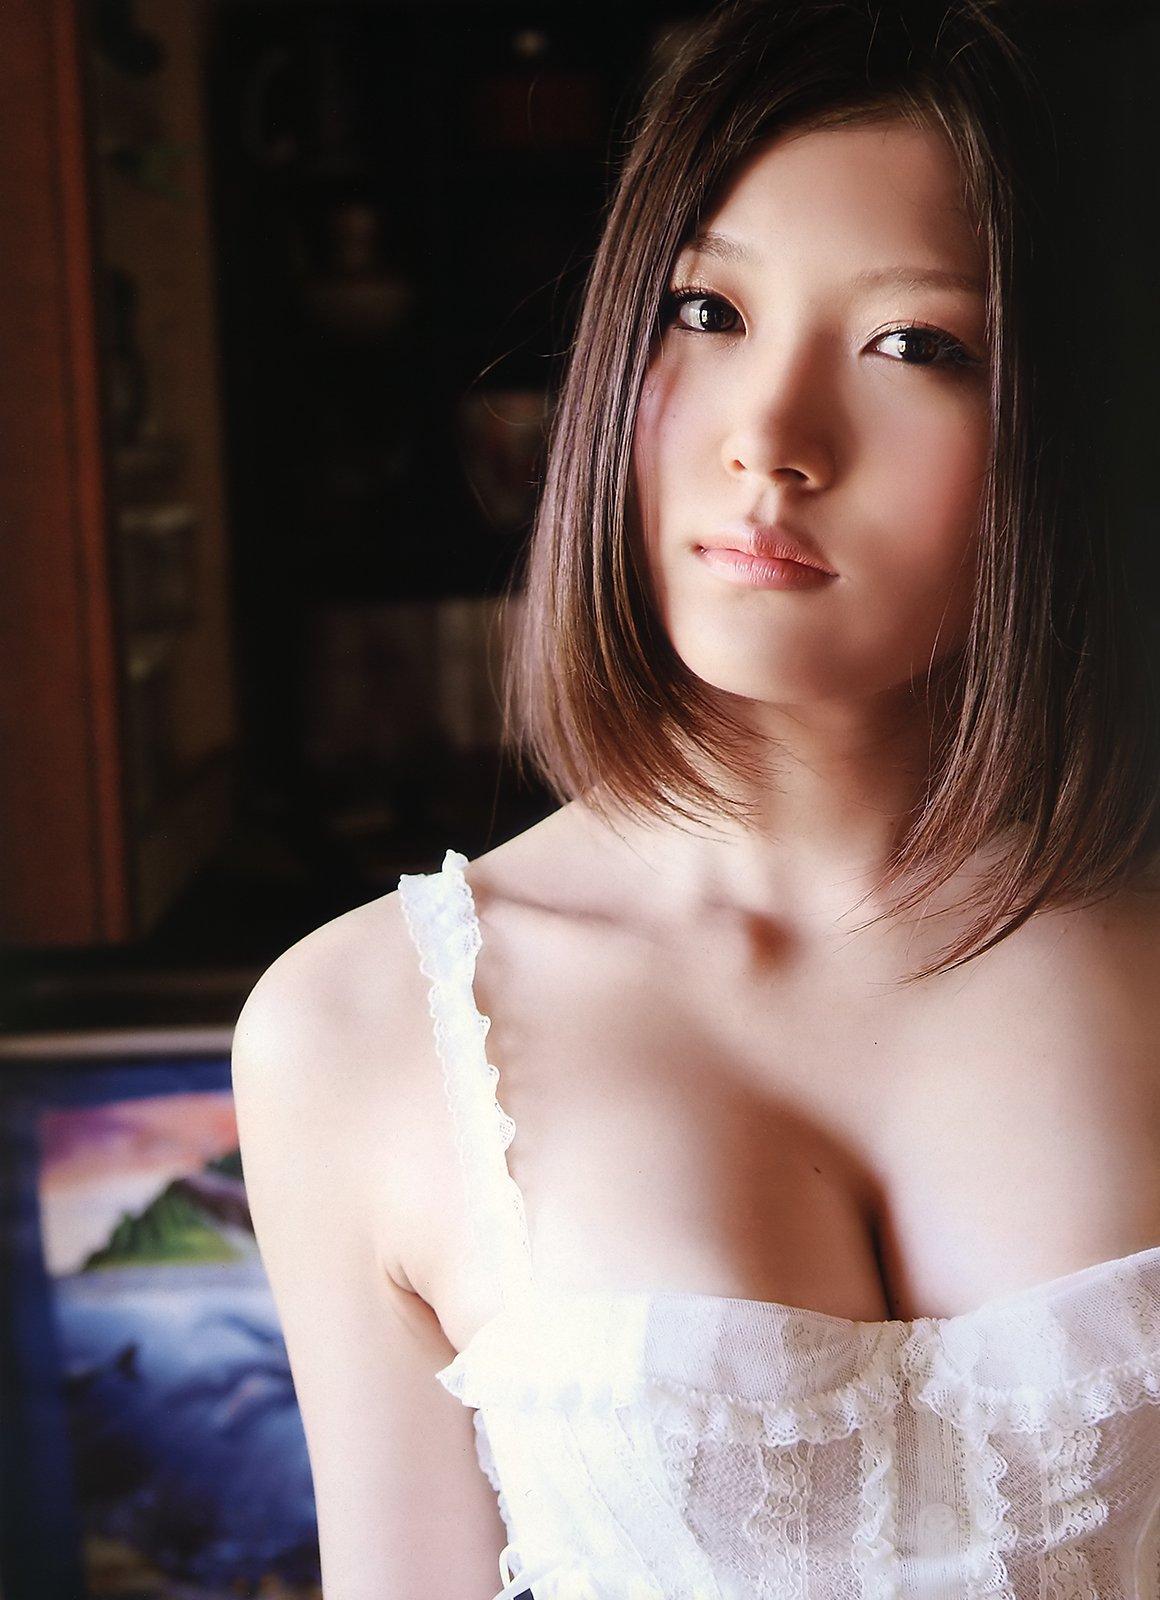 ai-chinese-model-39